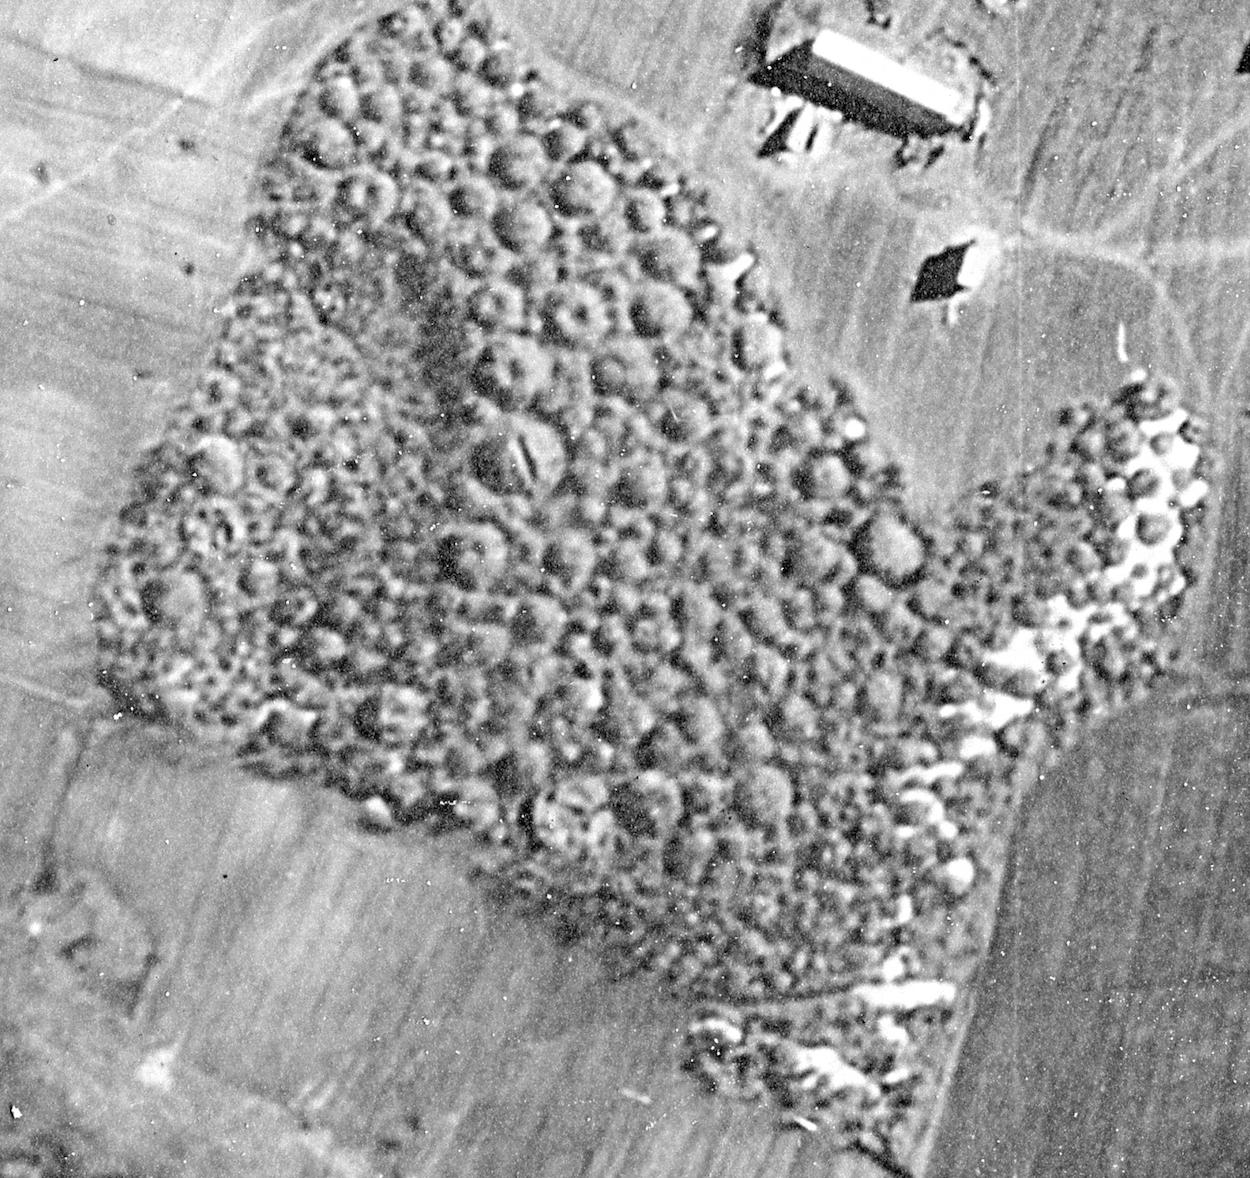 Курганный могильник у деревни Большое Тимерево. Аэрофотосъемка. Апрель 1942 года.